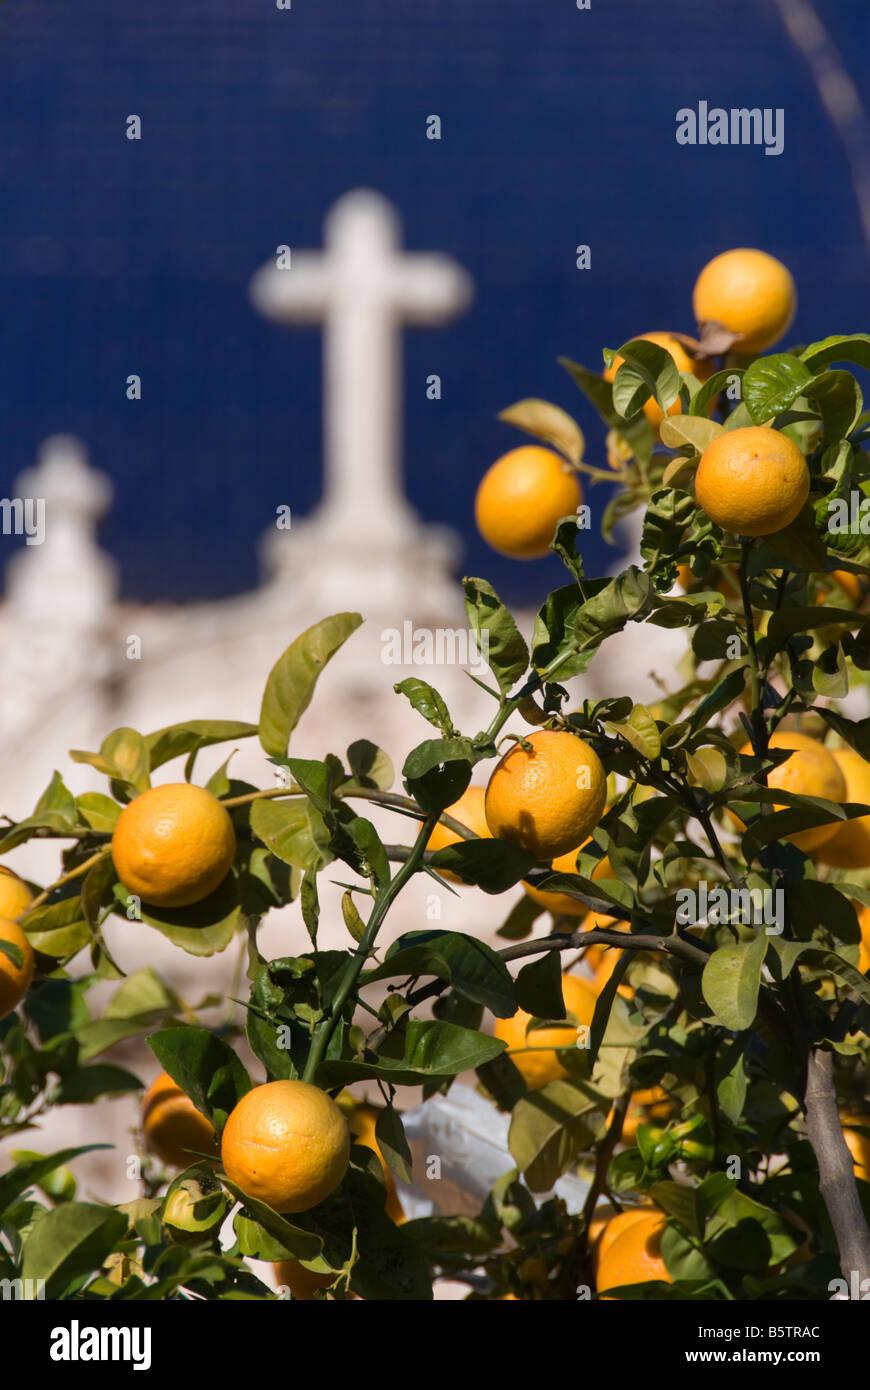 Orange Obstbau vor blau gekachelten Kuppel des Museum of Fine Arts oder Museo de Bellas Artes in Valencia, Spanien Stockbild